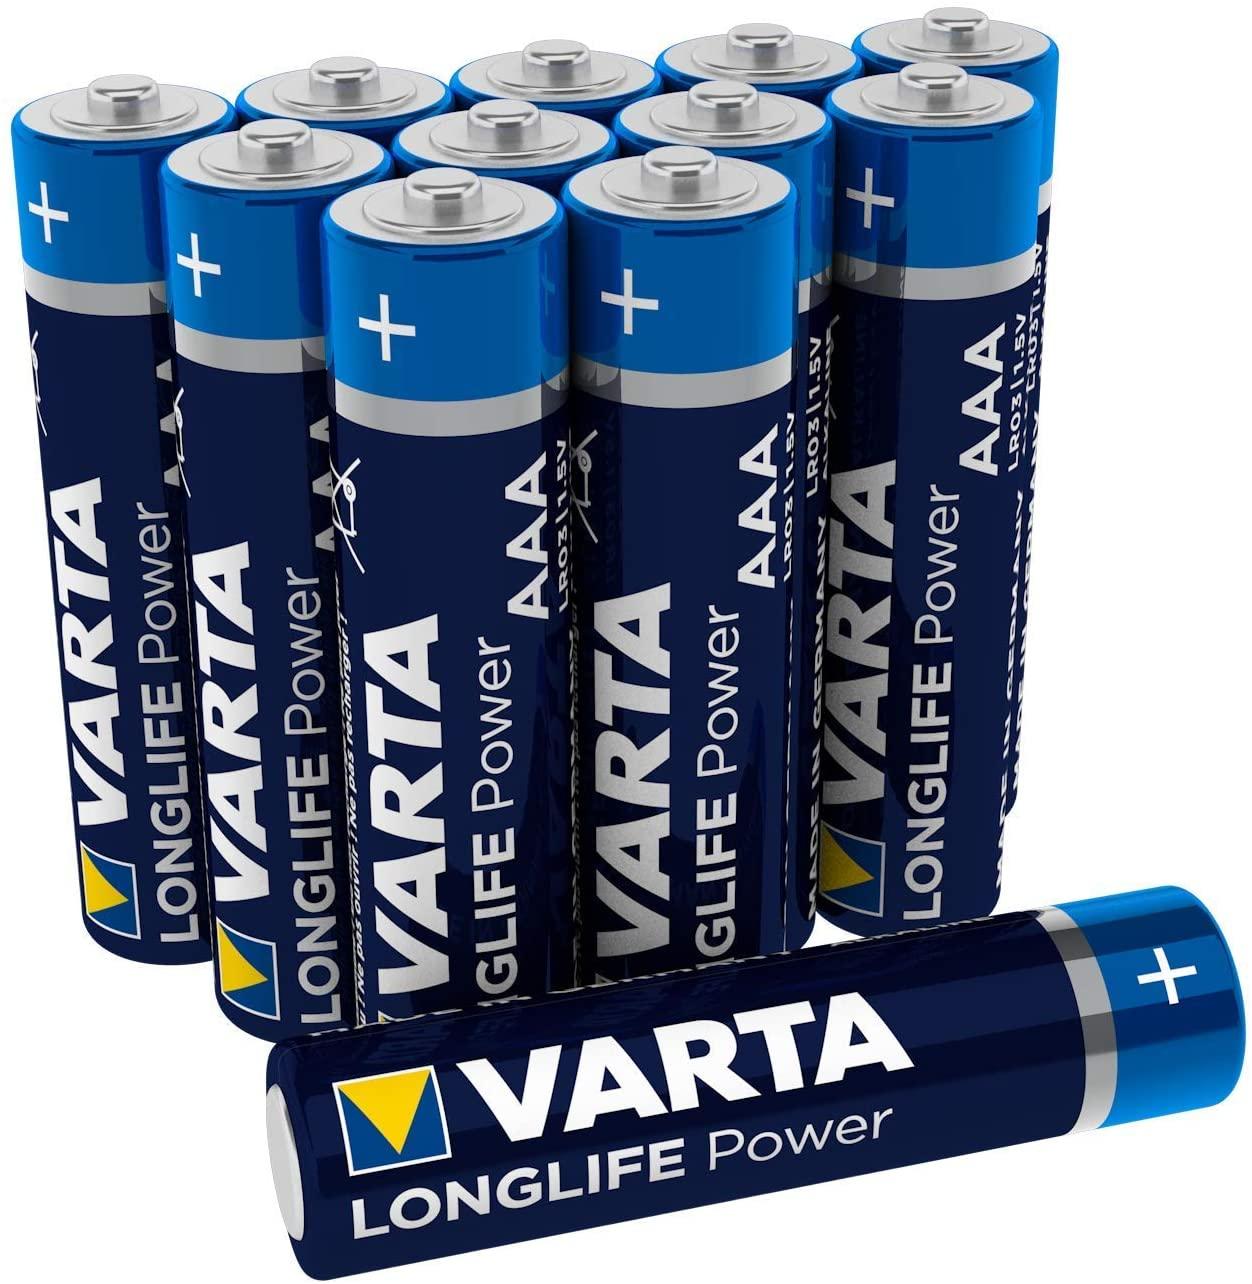 VARTA Alkaline-Batterien LONGLIFE Power | 12 Pack | AA & AAA [Kaufland]